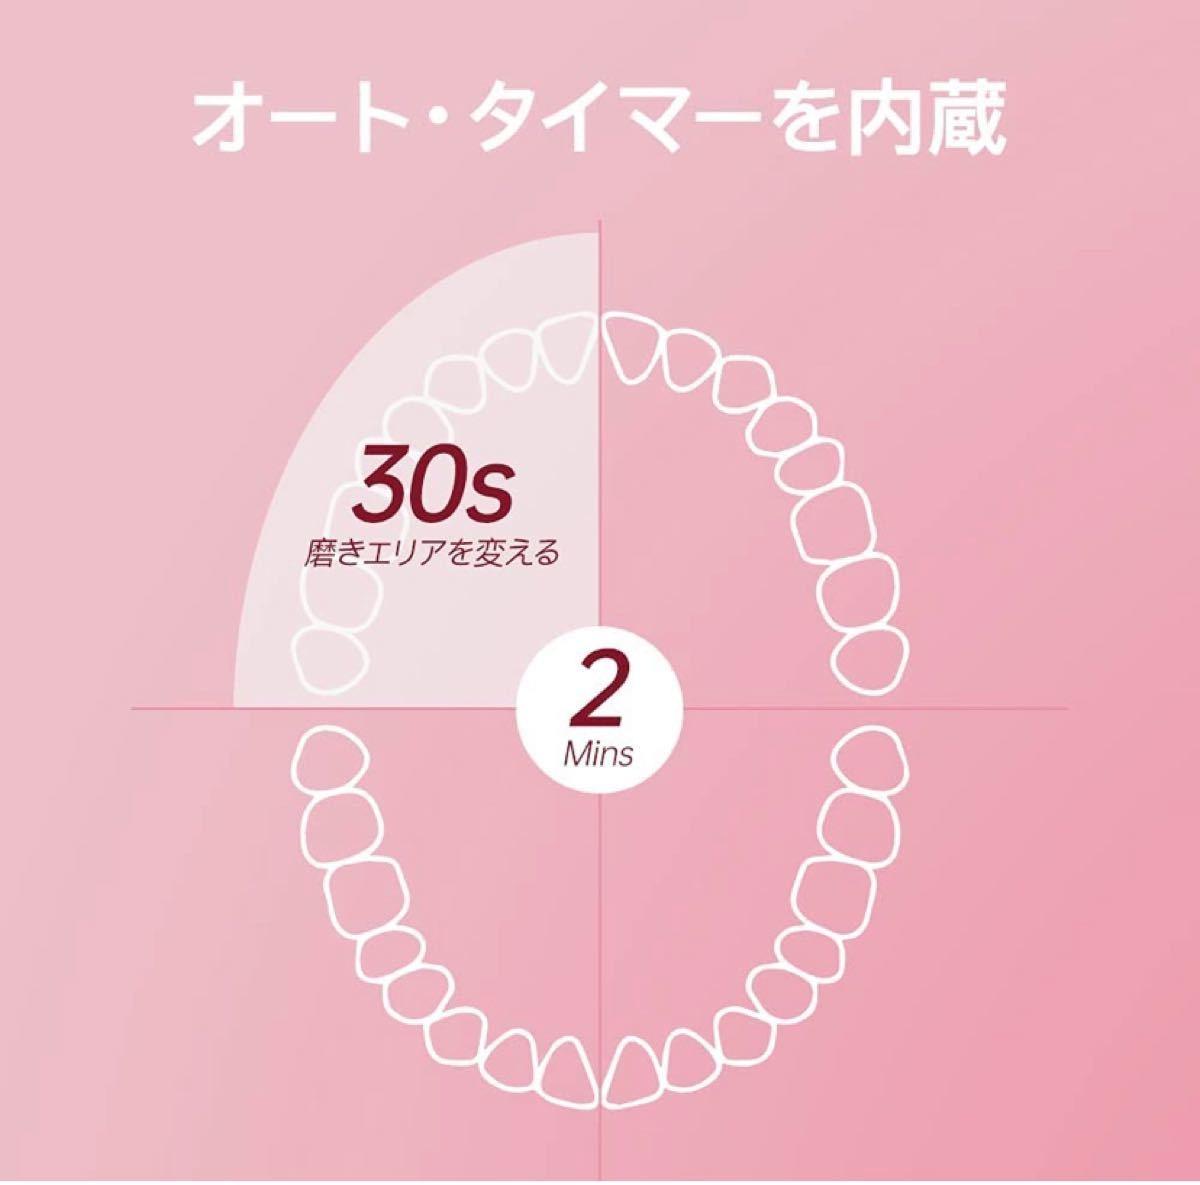 電動歯ブラシ 歯垢除去 ホワイトニング 歯周病予防 音波歯ブラシ 替えブラシ5本 歯ブラシセットUSB充電式 口内ケア 新品未使用